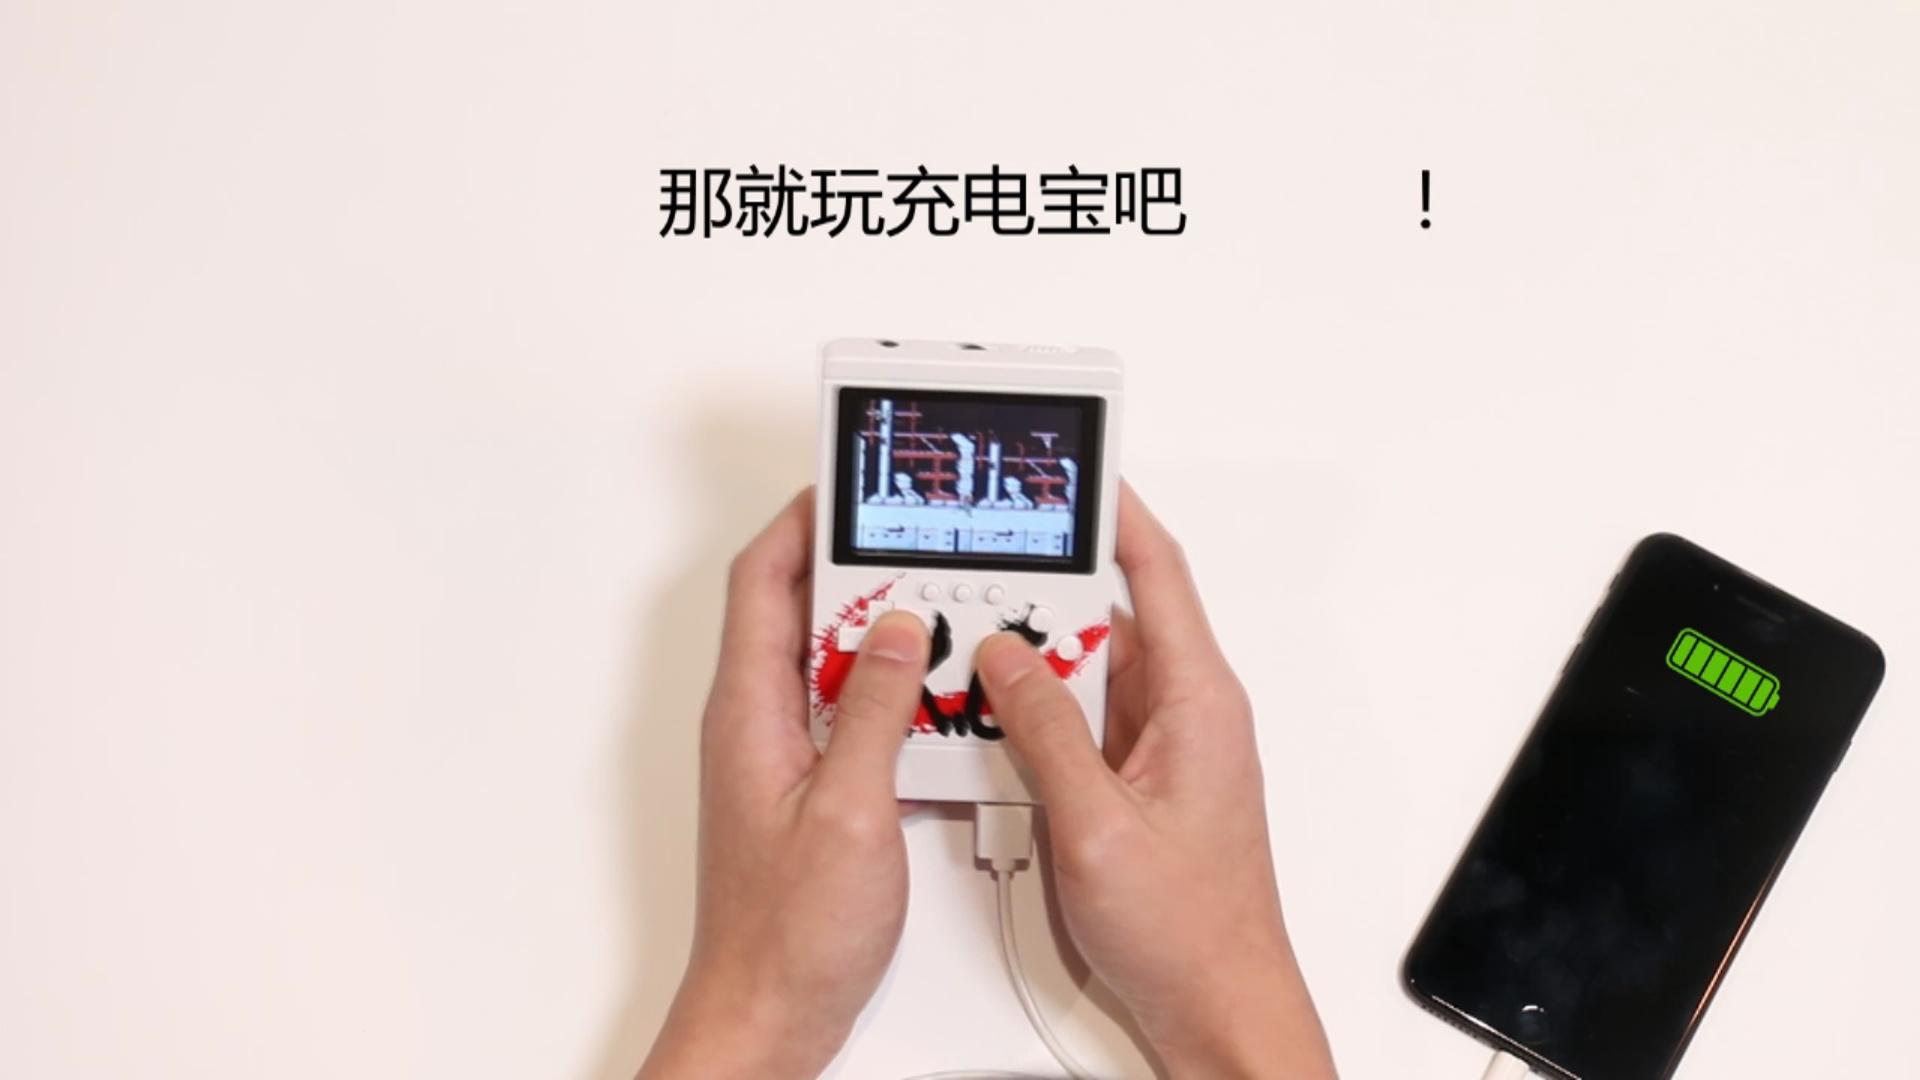 充电宝游戏机广告淘宝主图视频拍摄制作案例,淘宝主图拍摄详情页制作案例